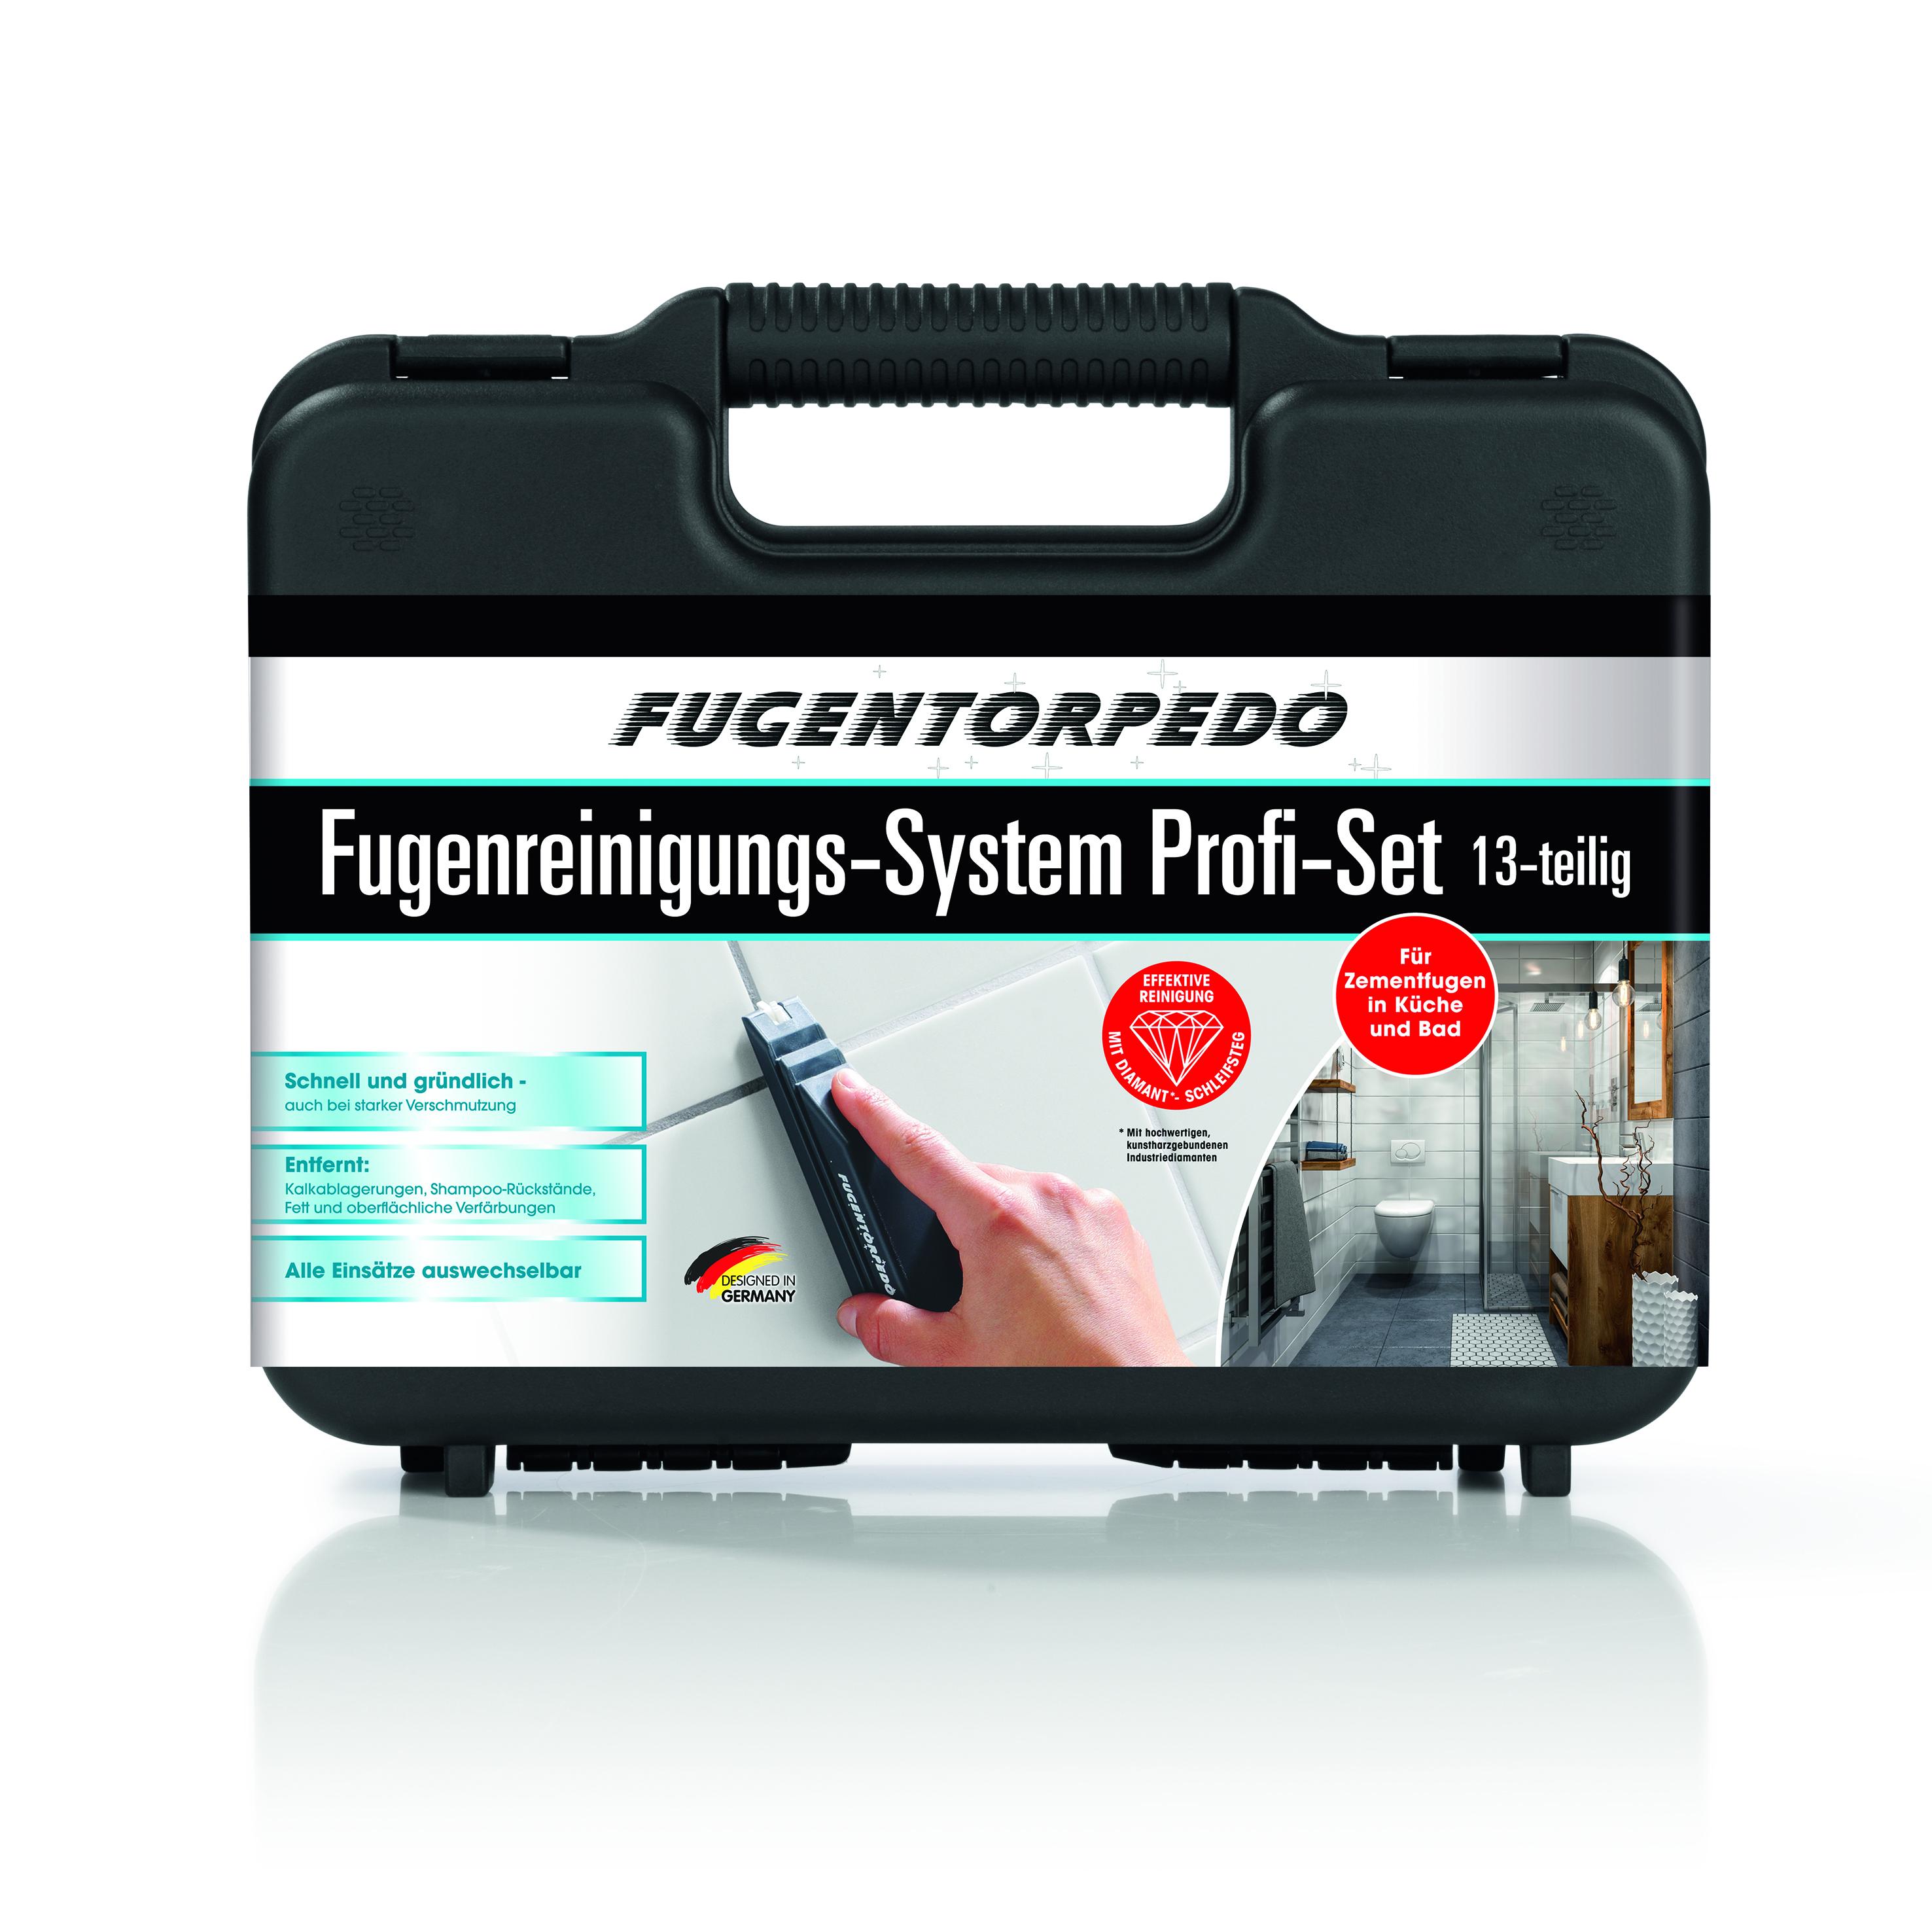 Fugentorpedo Profikoffer - Fugeneinigung wie die Profis